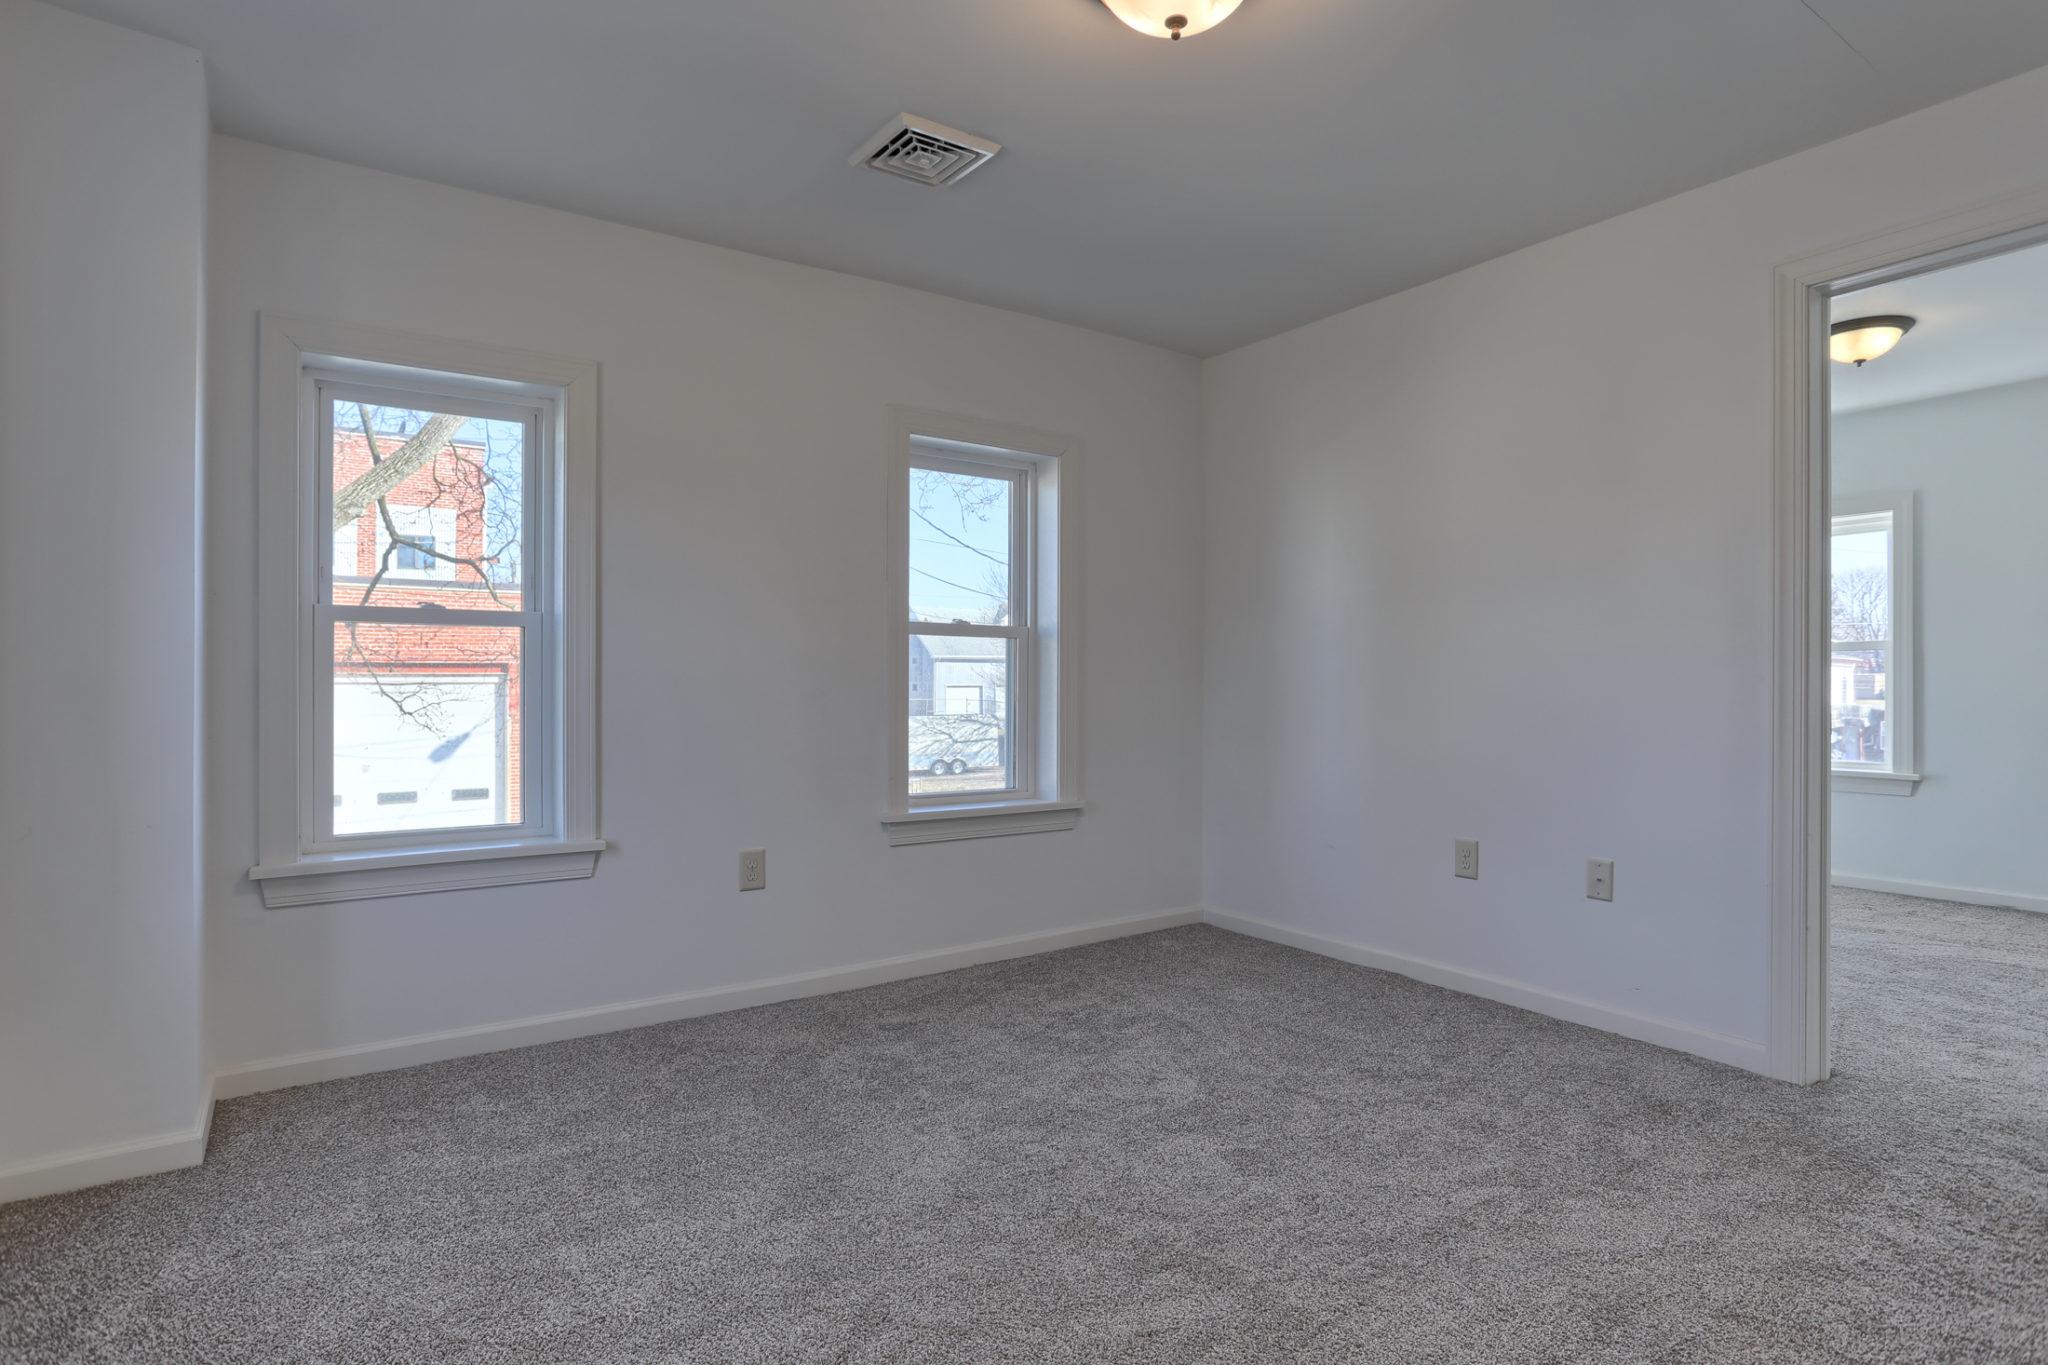 12 E. Center Ave. - Bedroom 2b